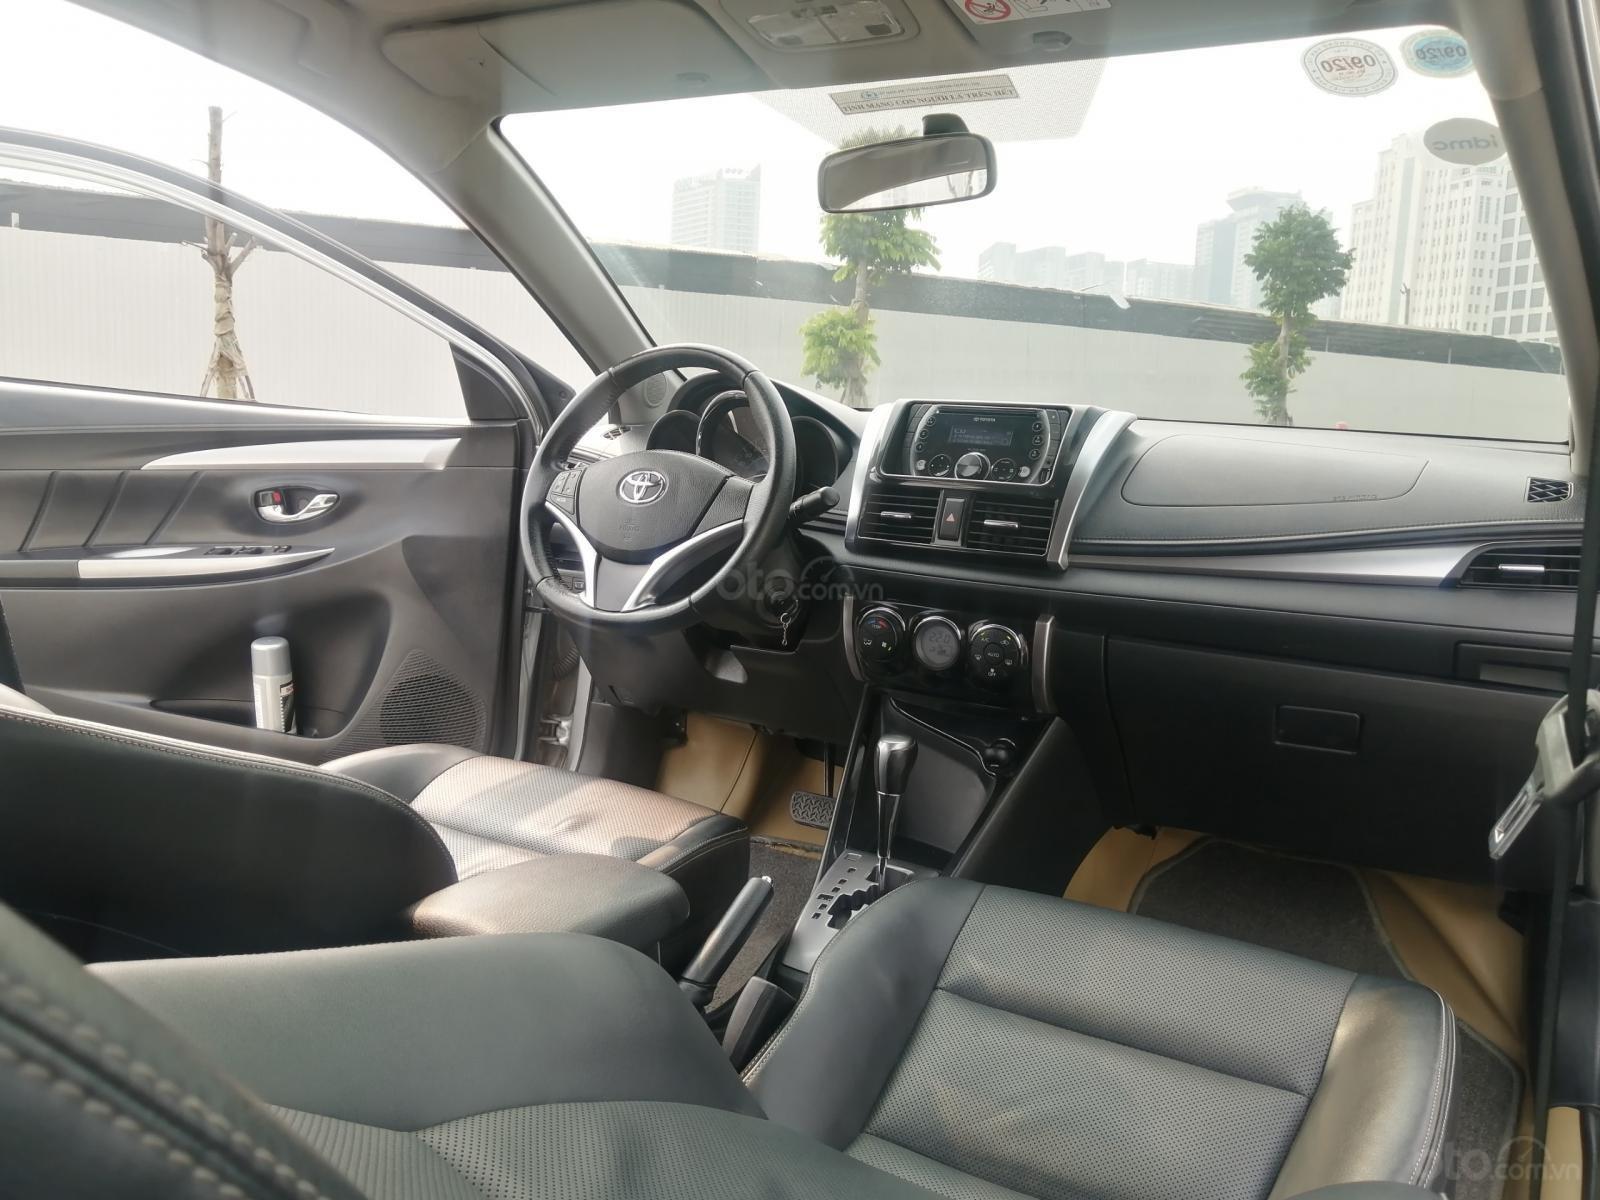 Toyota Mỹ Đình - trung tâm xe đã qua sử dụng - cần bán Toyota Vios đời 2014, 419tr (9)